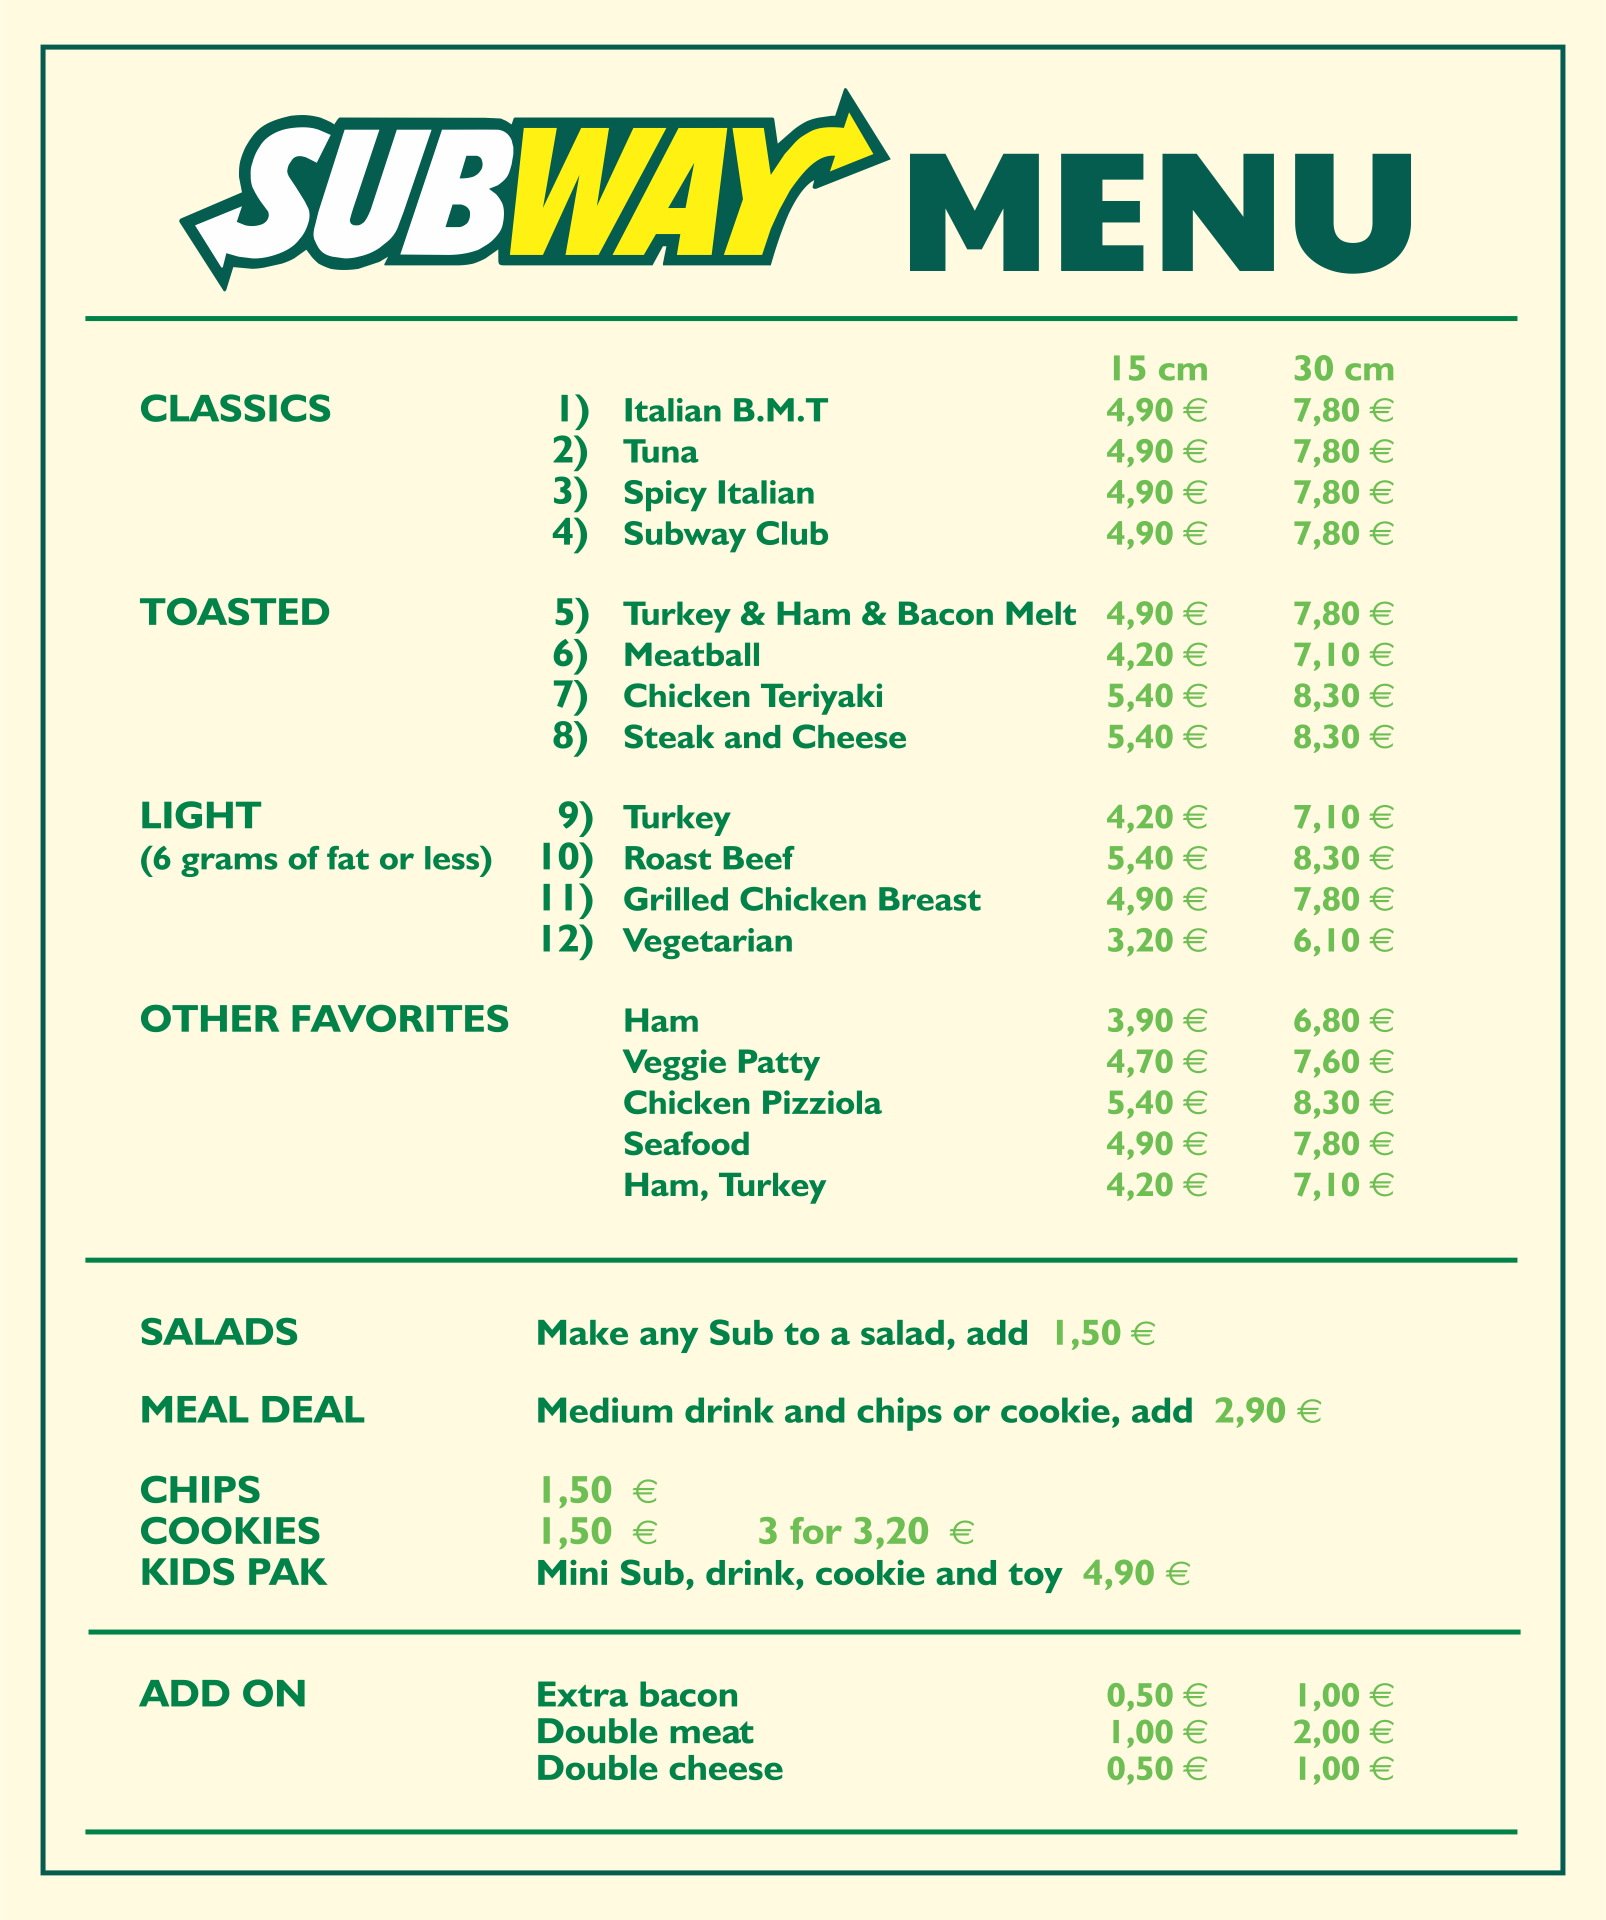 8 Best Printable Subway Menu 2015 Printablee Com